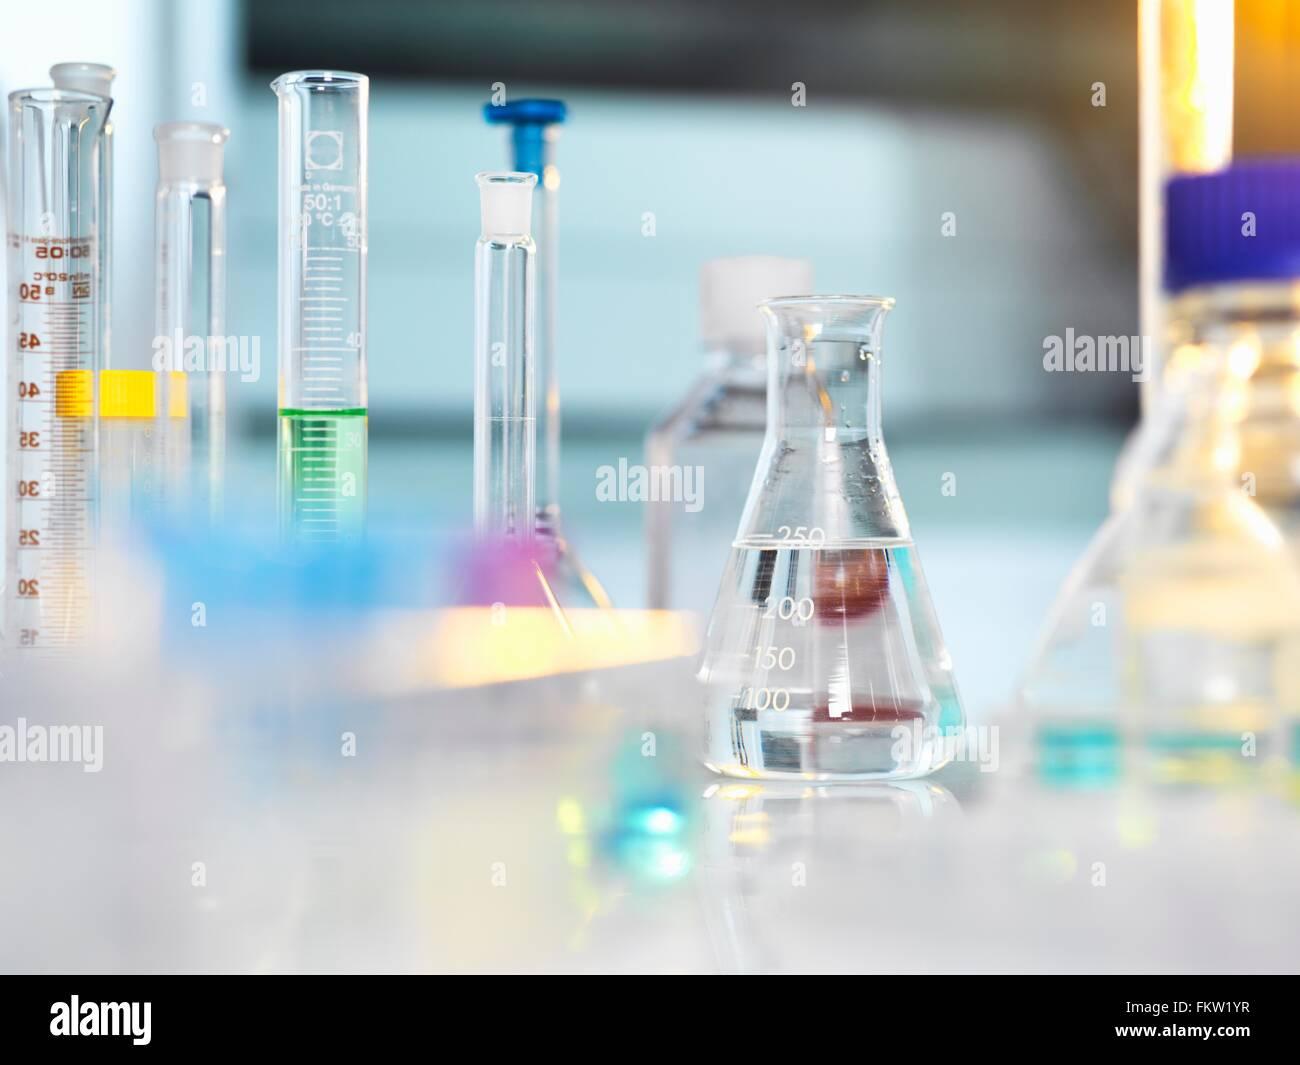 Aparatos Científicos y cristalería de laboratorio experimento pendiente Imagen De Stock